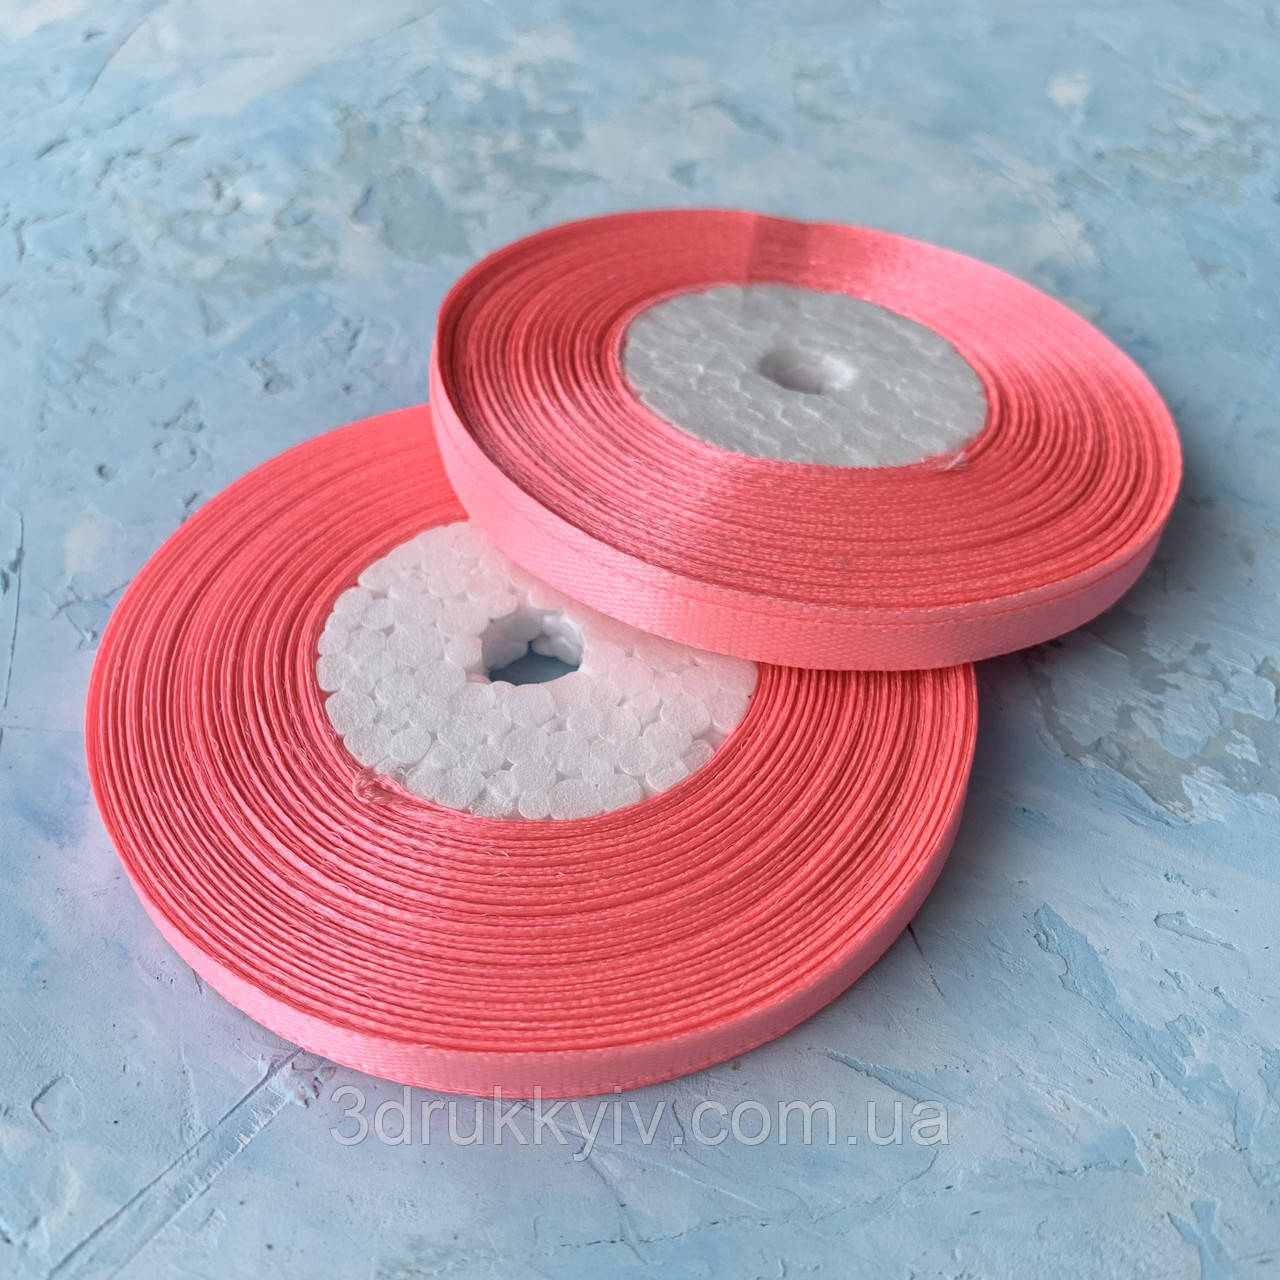 Стрічка атласна яскраво-рожевий 0,6 см. / Лента атласная ярко-розовый